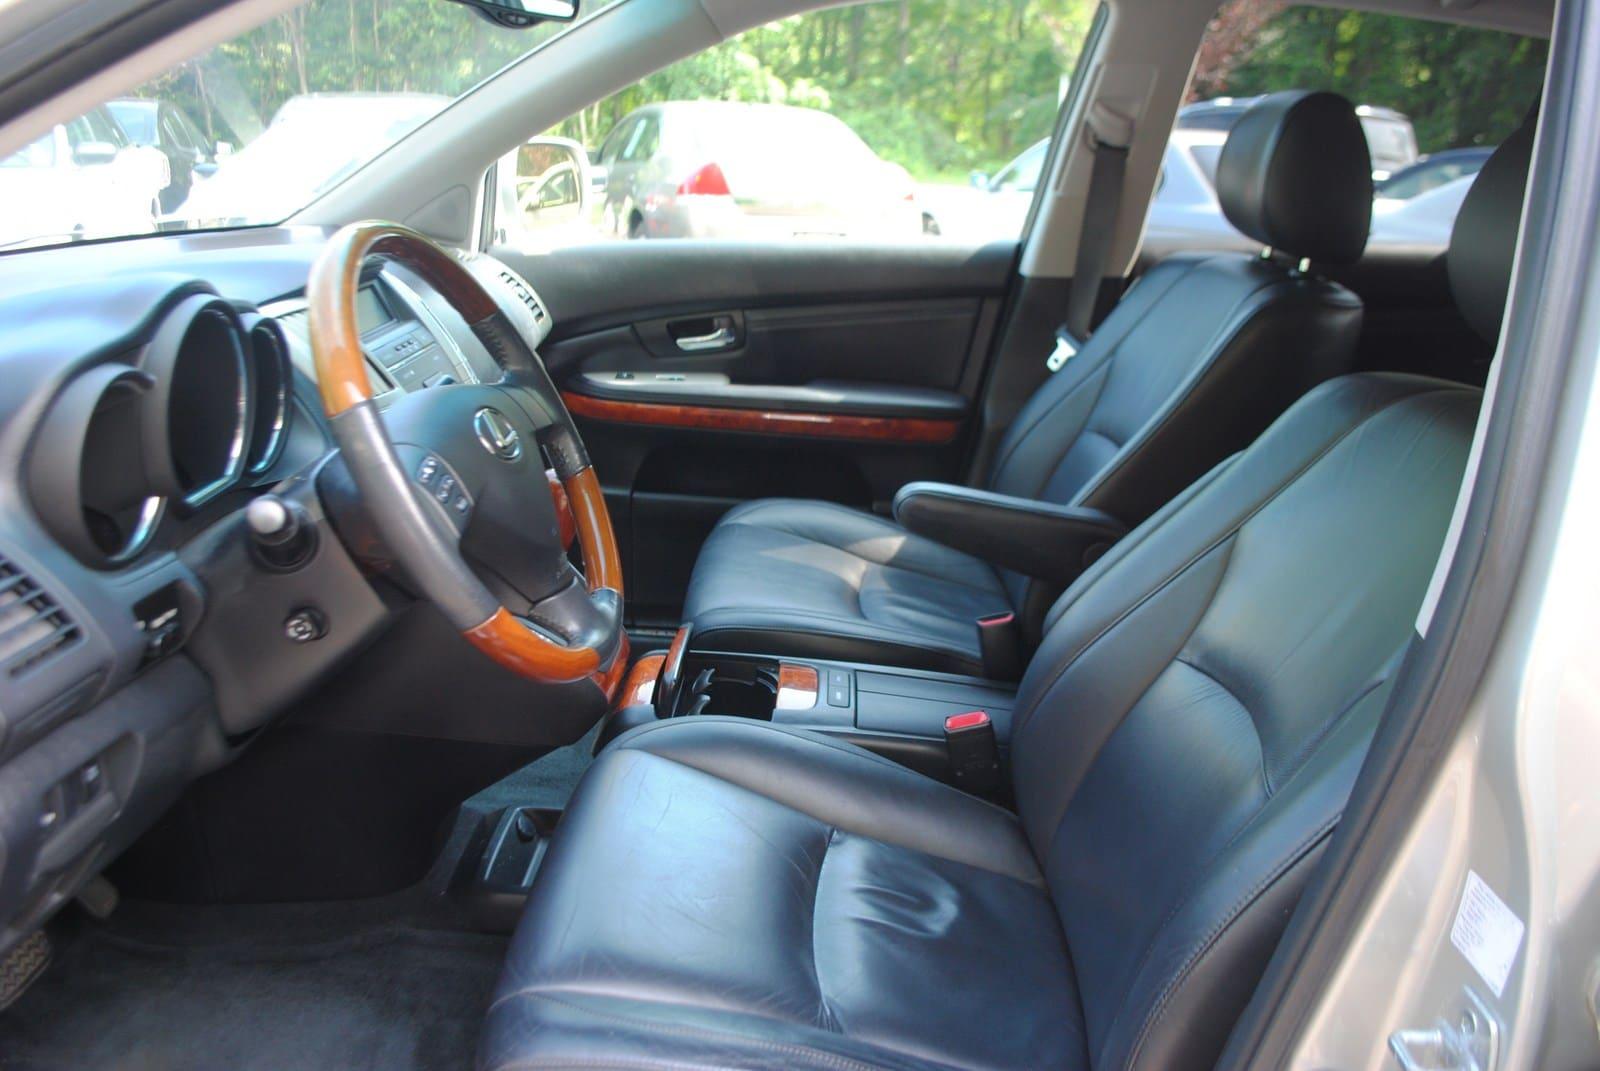 WRG-4500] Lexus Rx330 Schematic